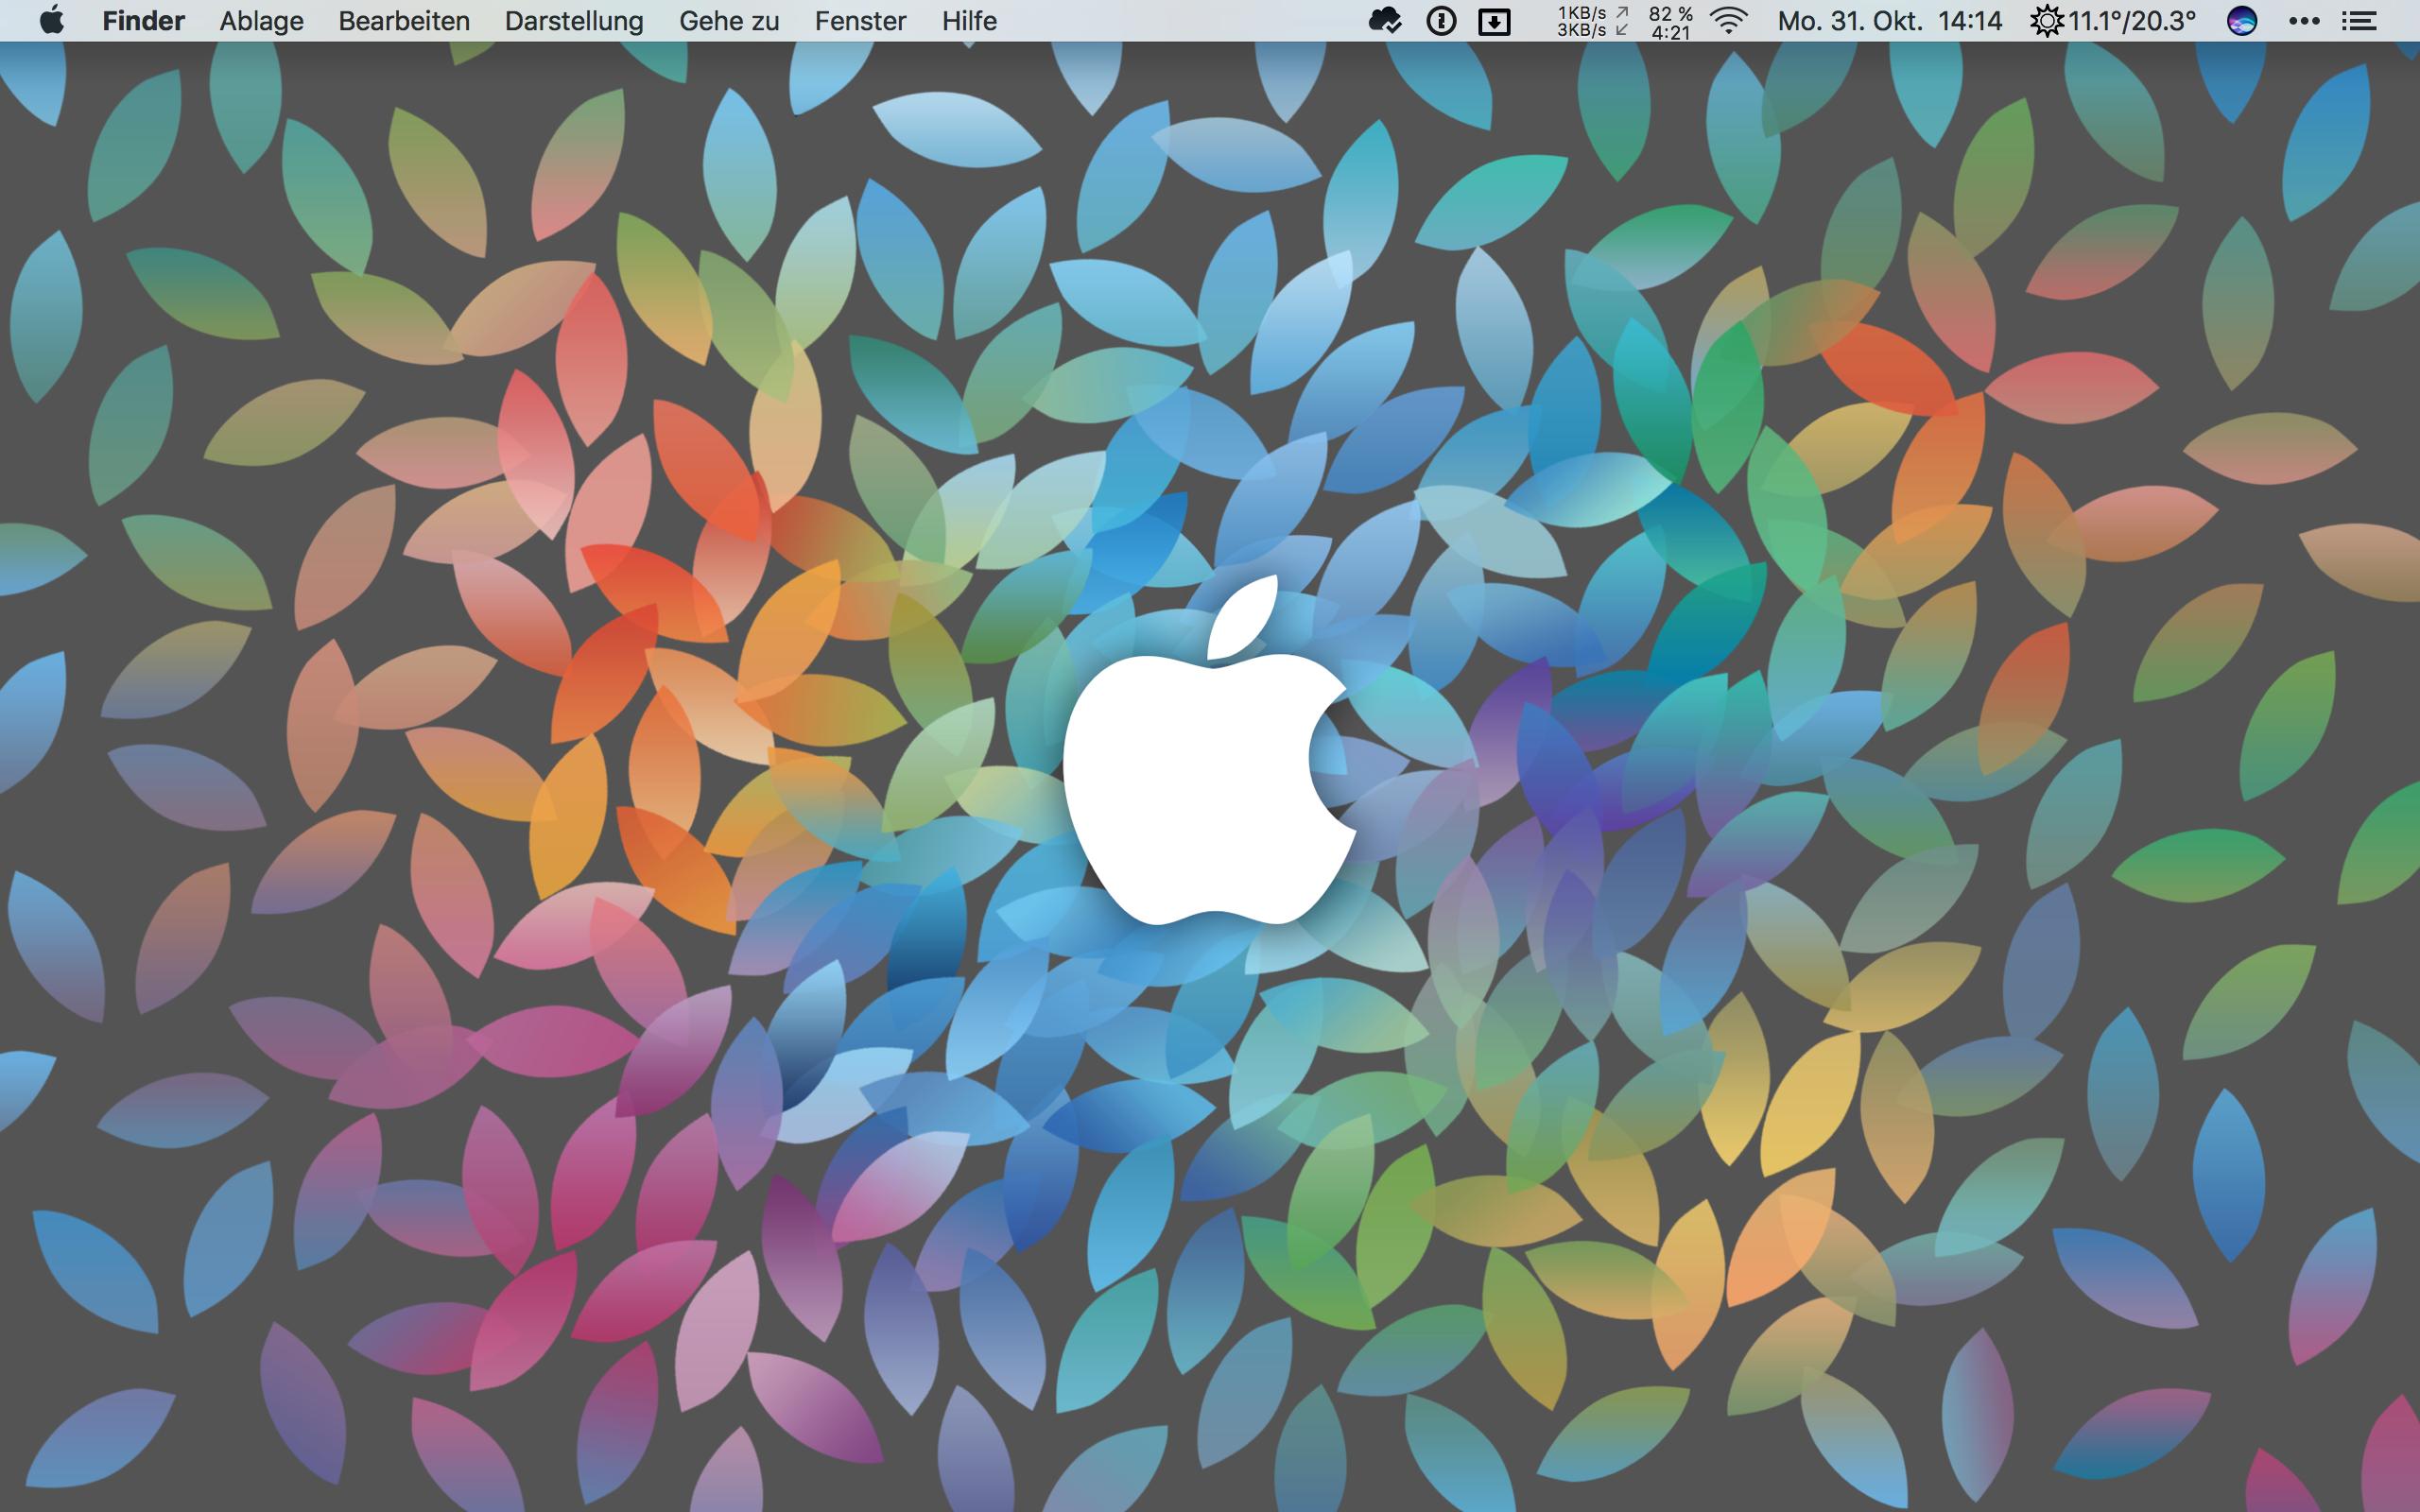 Produktiv mit der Mac Menüleiste arbeiten